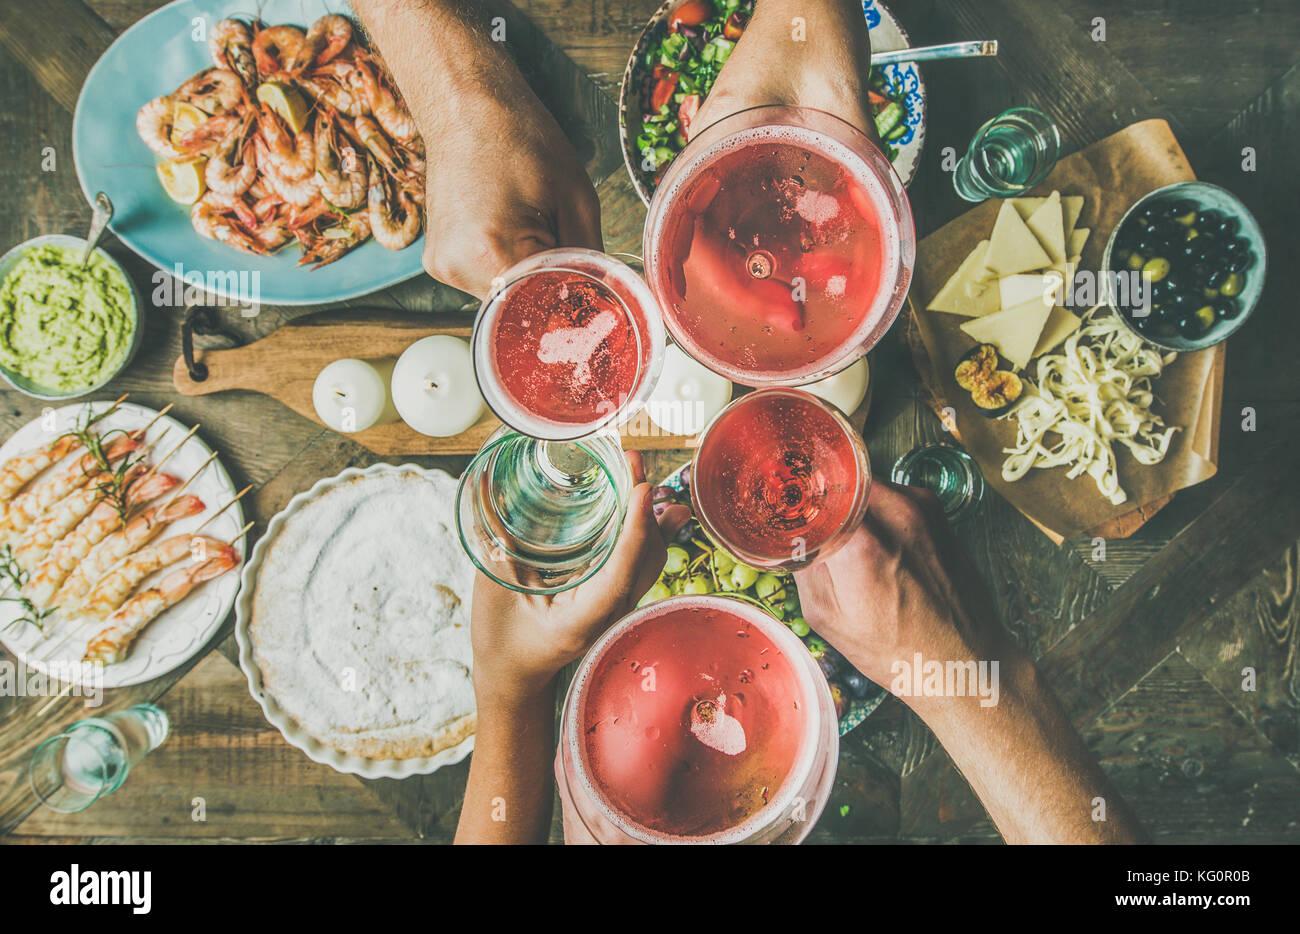 Télévision à jeter des mains d'amis manger et boire ensemble, composition horizontale Photo Stock